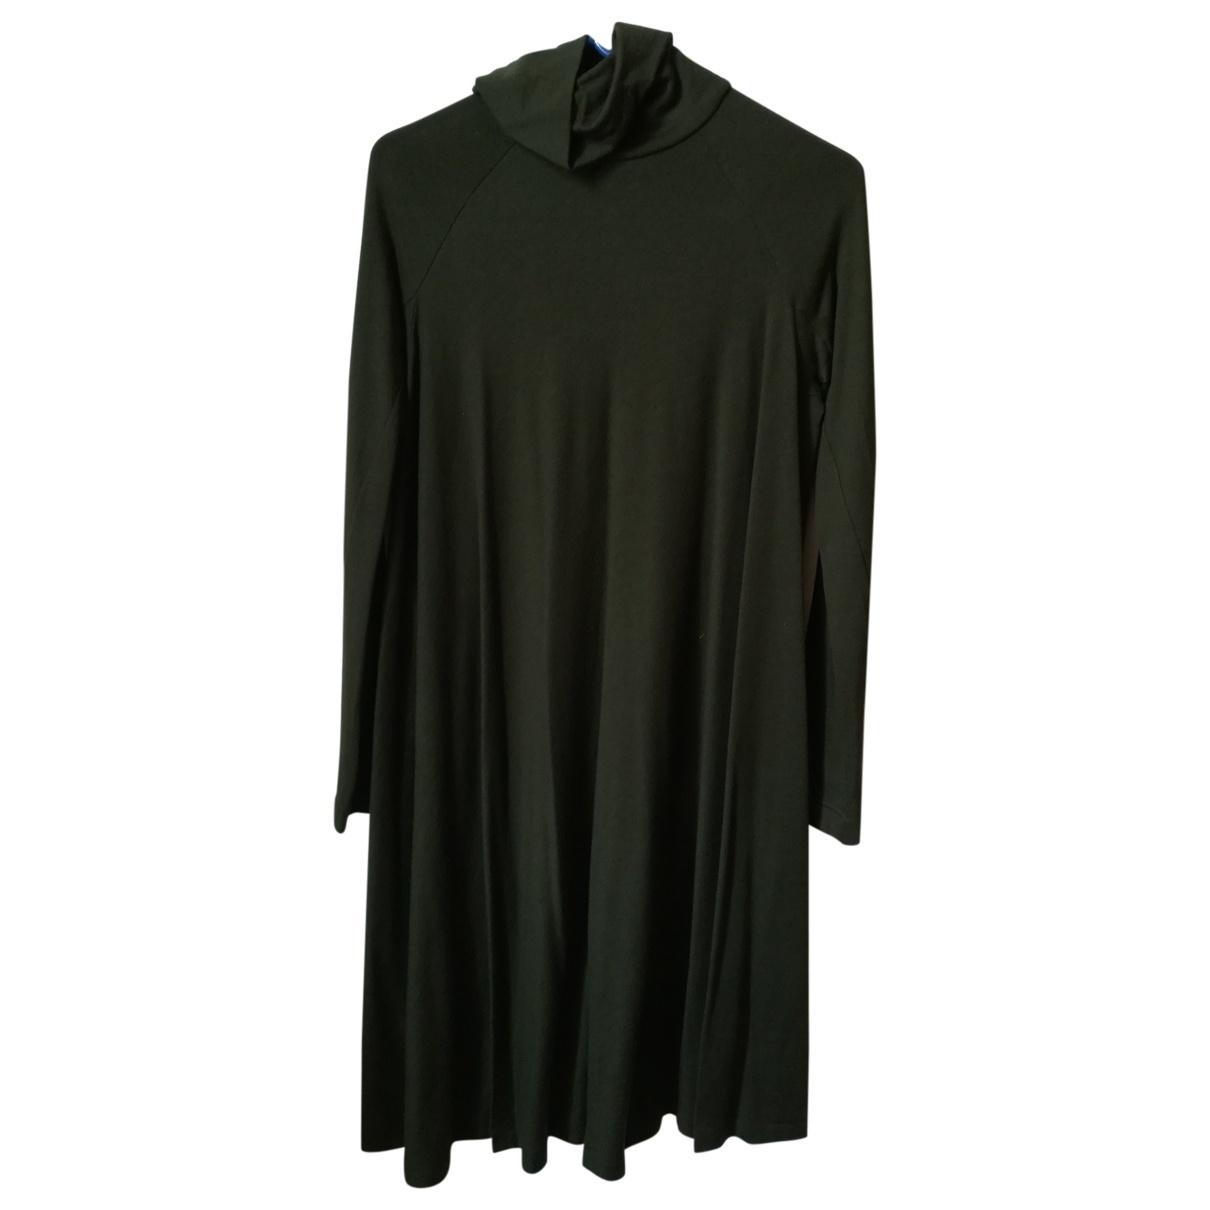 Aspesi - Robe   pour femme en laine - vert